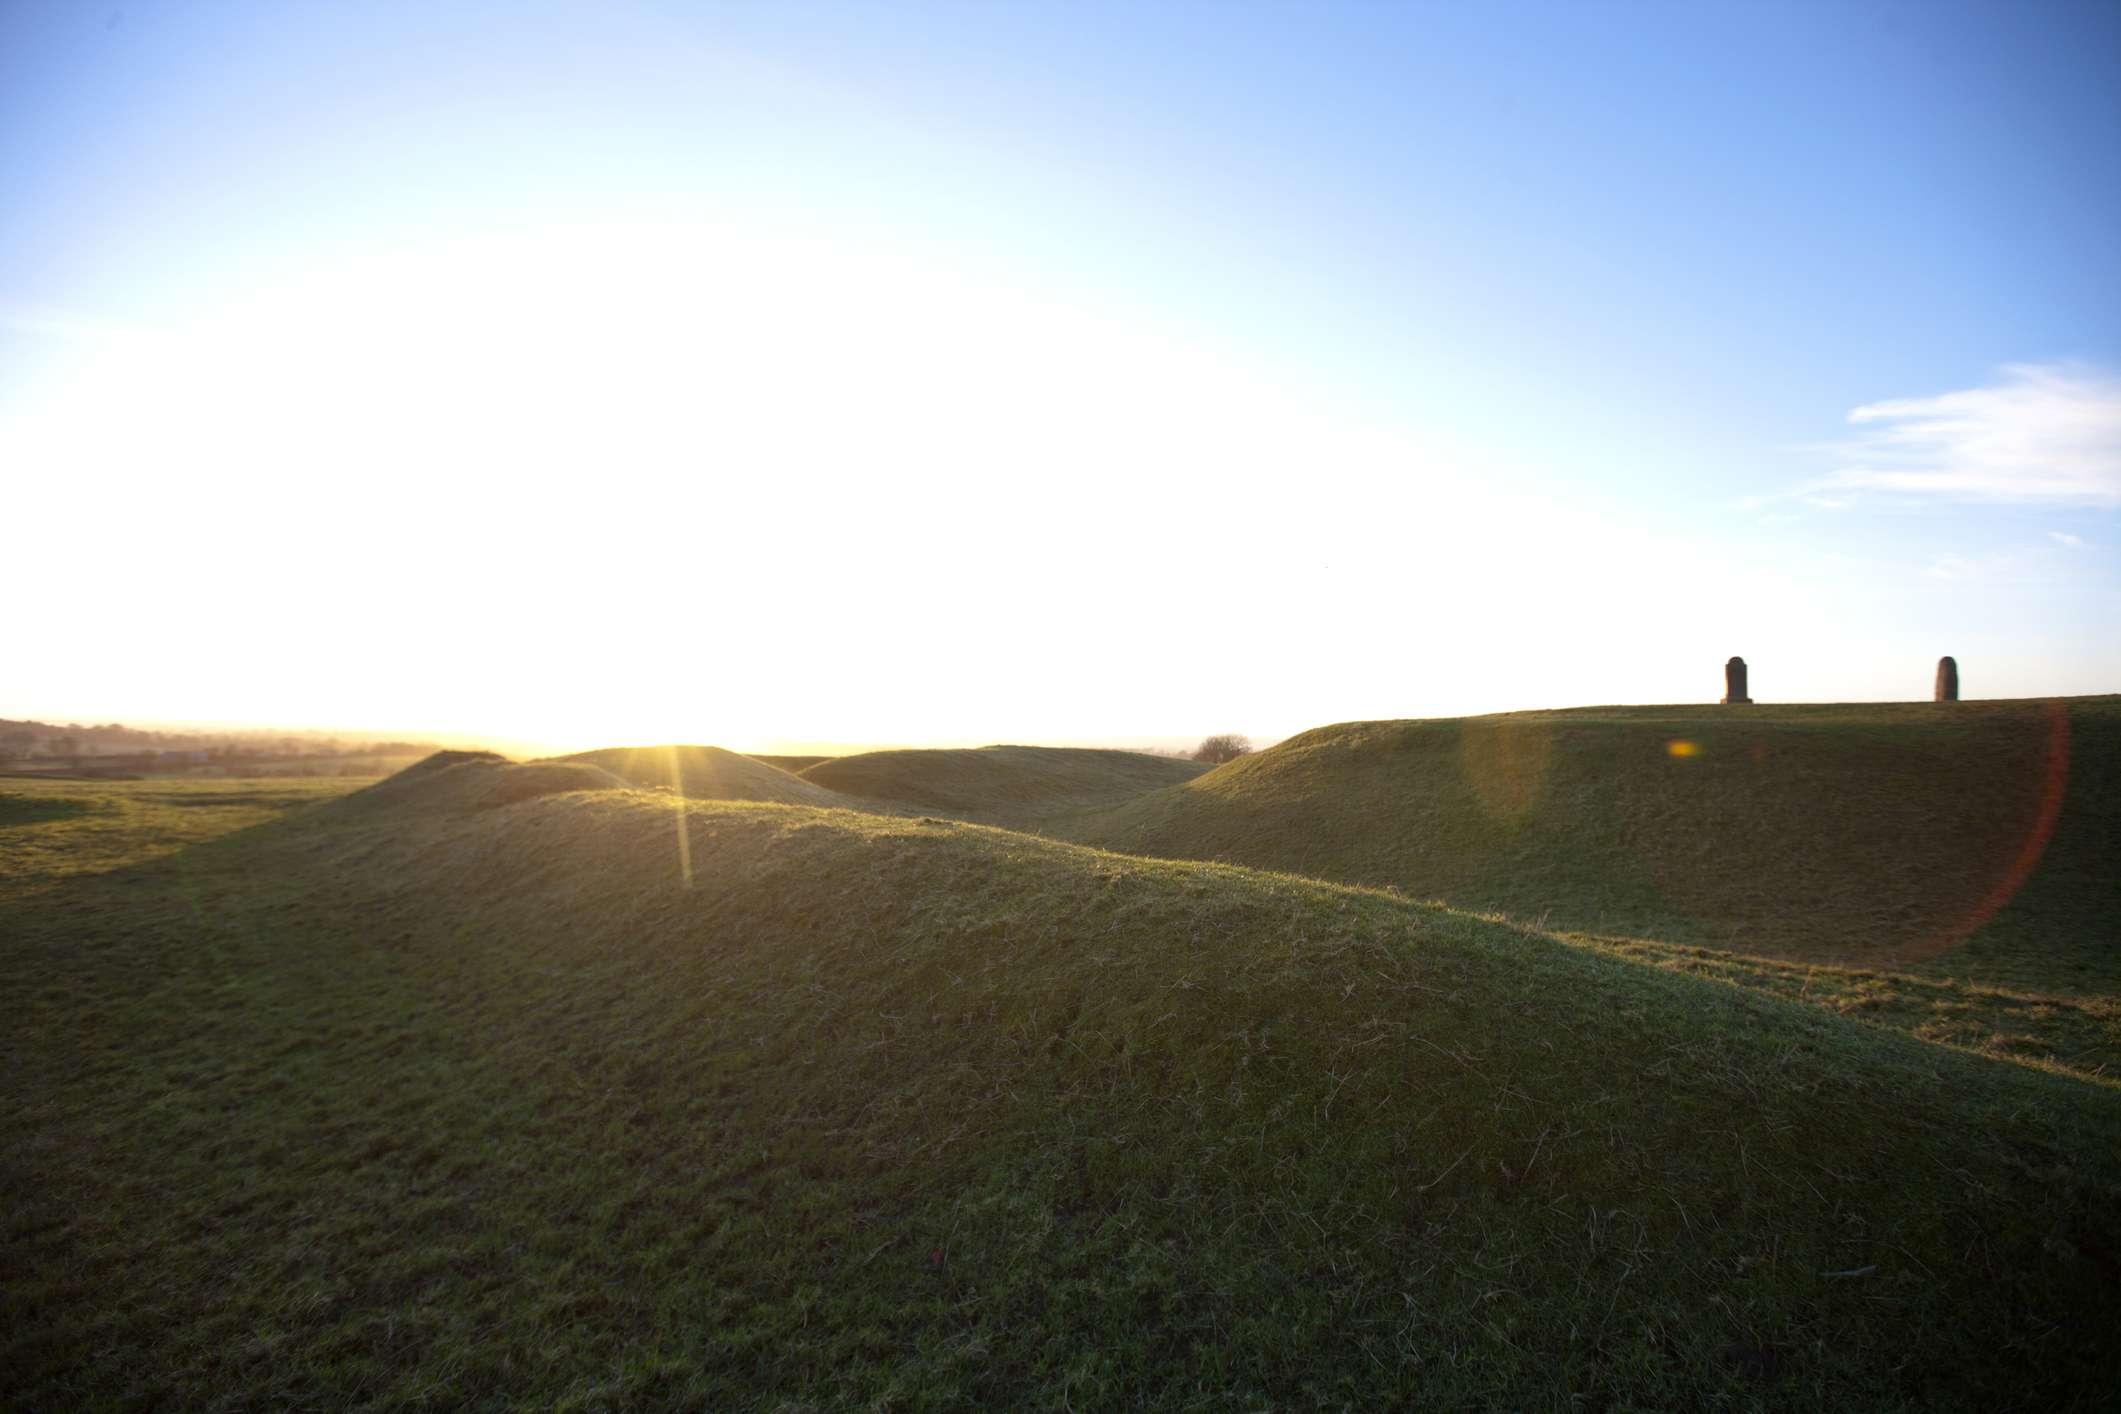 green hill of tara with sun